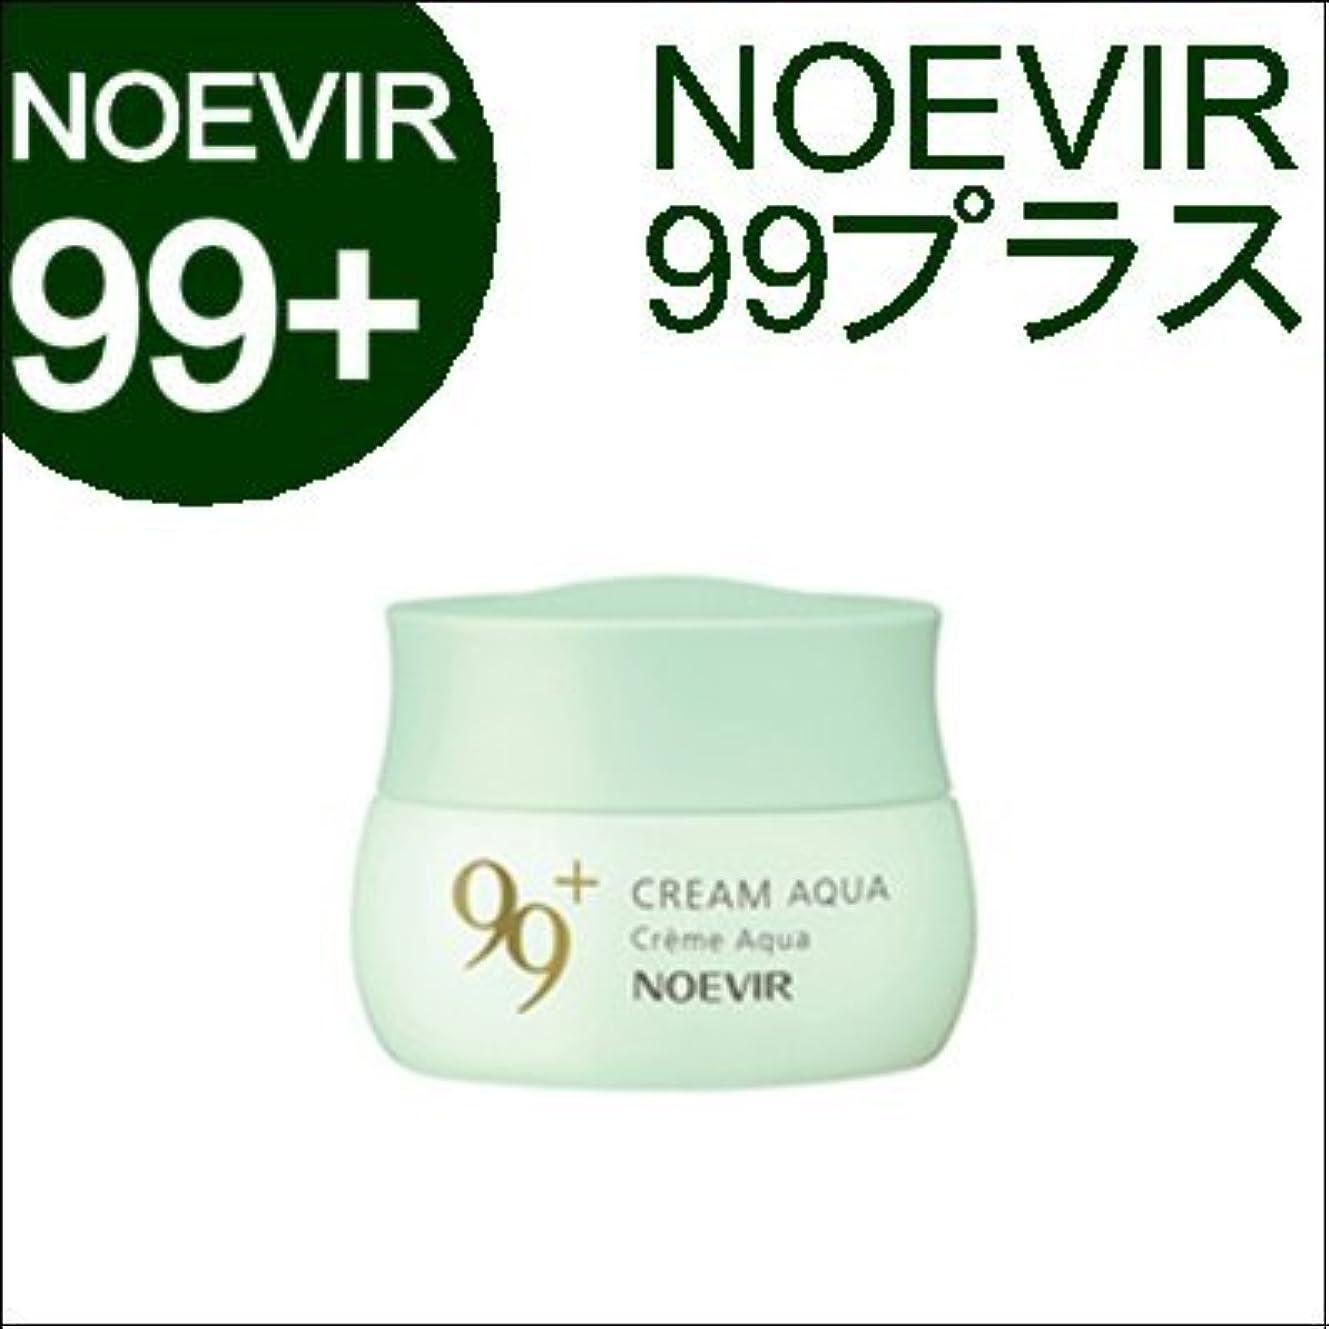 温かいエネルギーキャベツノエビア 99プラス クリーム(アクア)35g [並行輸入品]